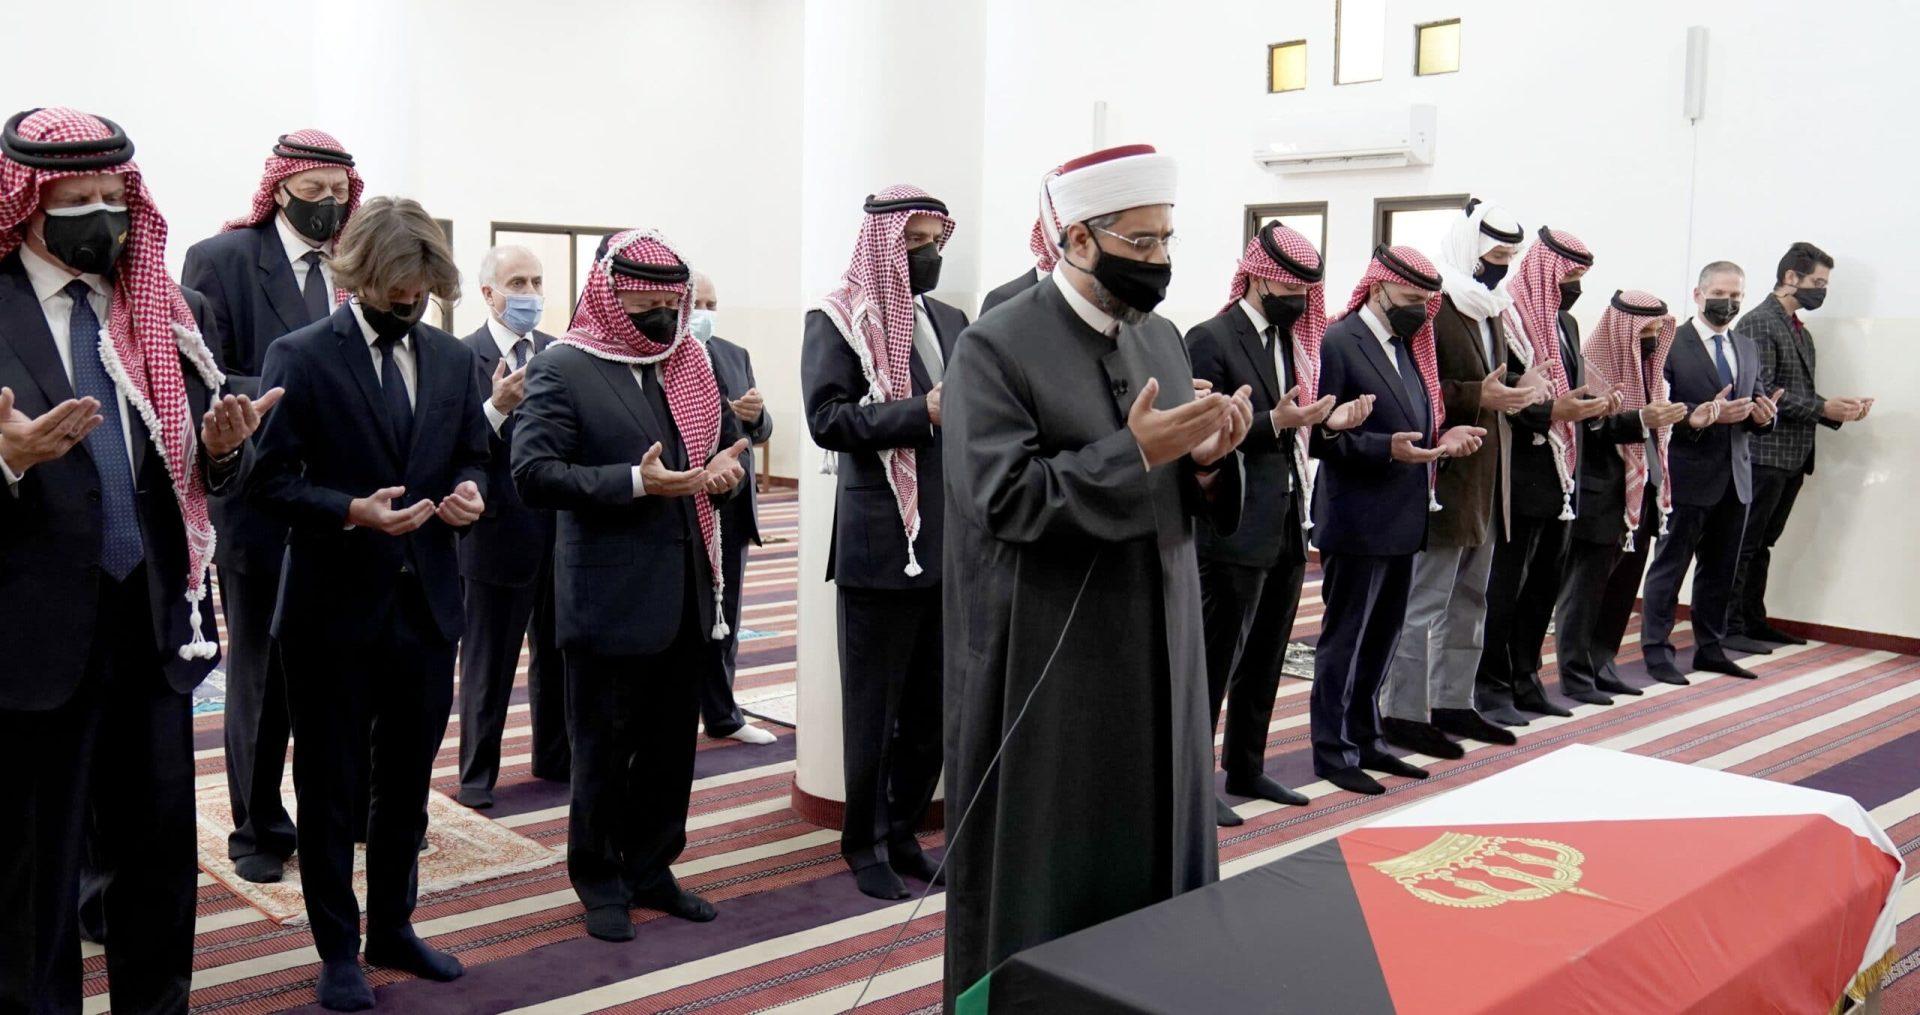 أين الأمير حمزة! .. غاب عن جنازة عمه الأمير محمد بن طلال بينما حضر الملك فهل هو في الإقامة الجبرية!